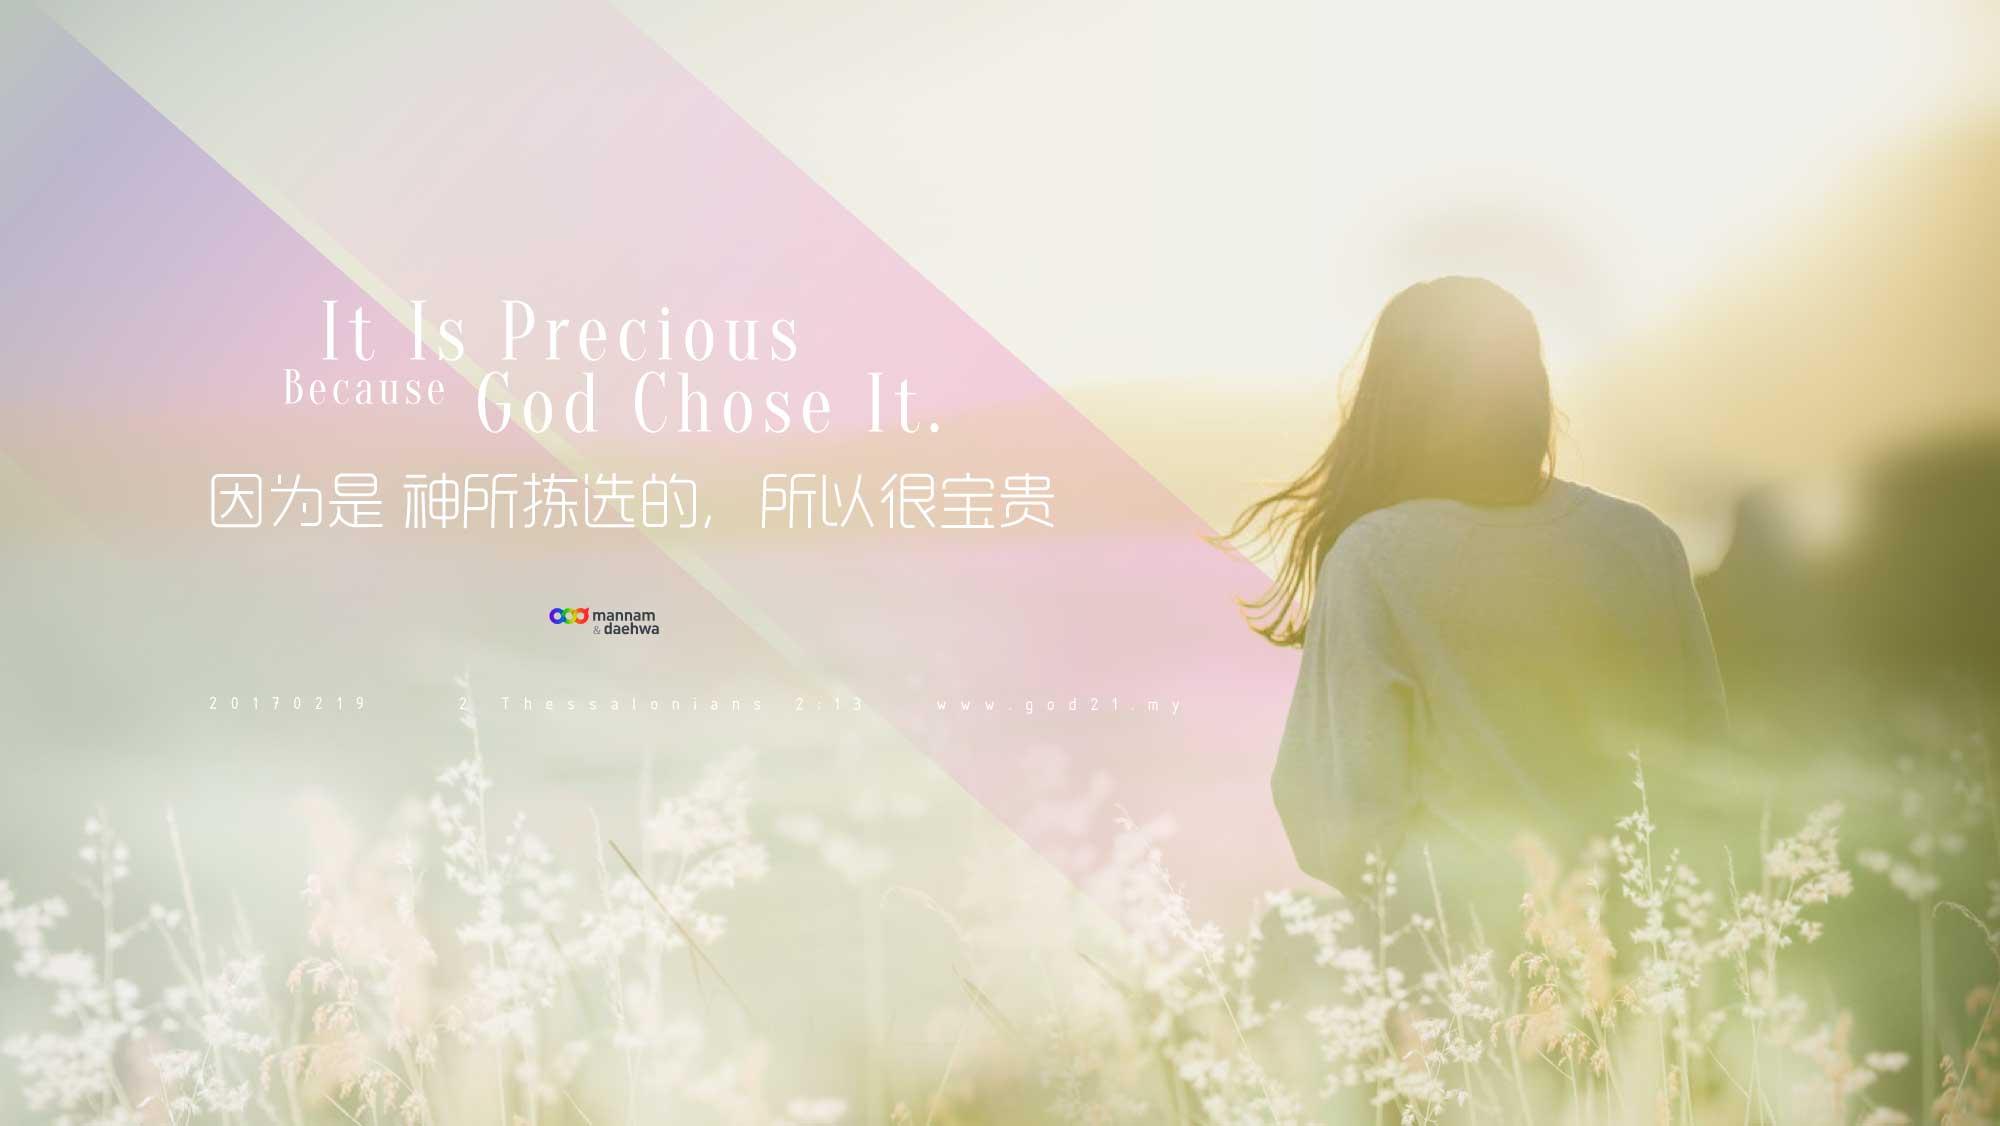 因为是 神所拣选的,所以很宝贵